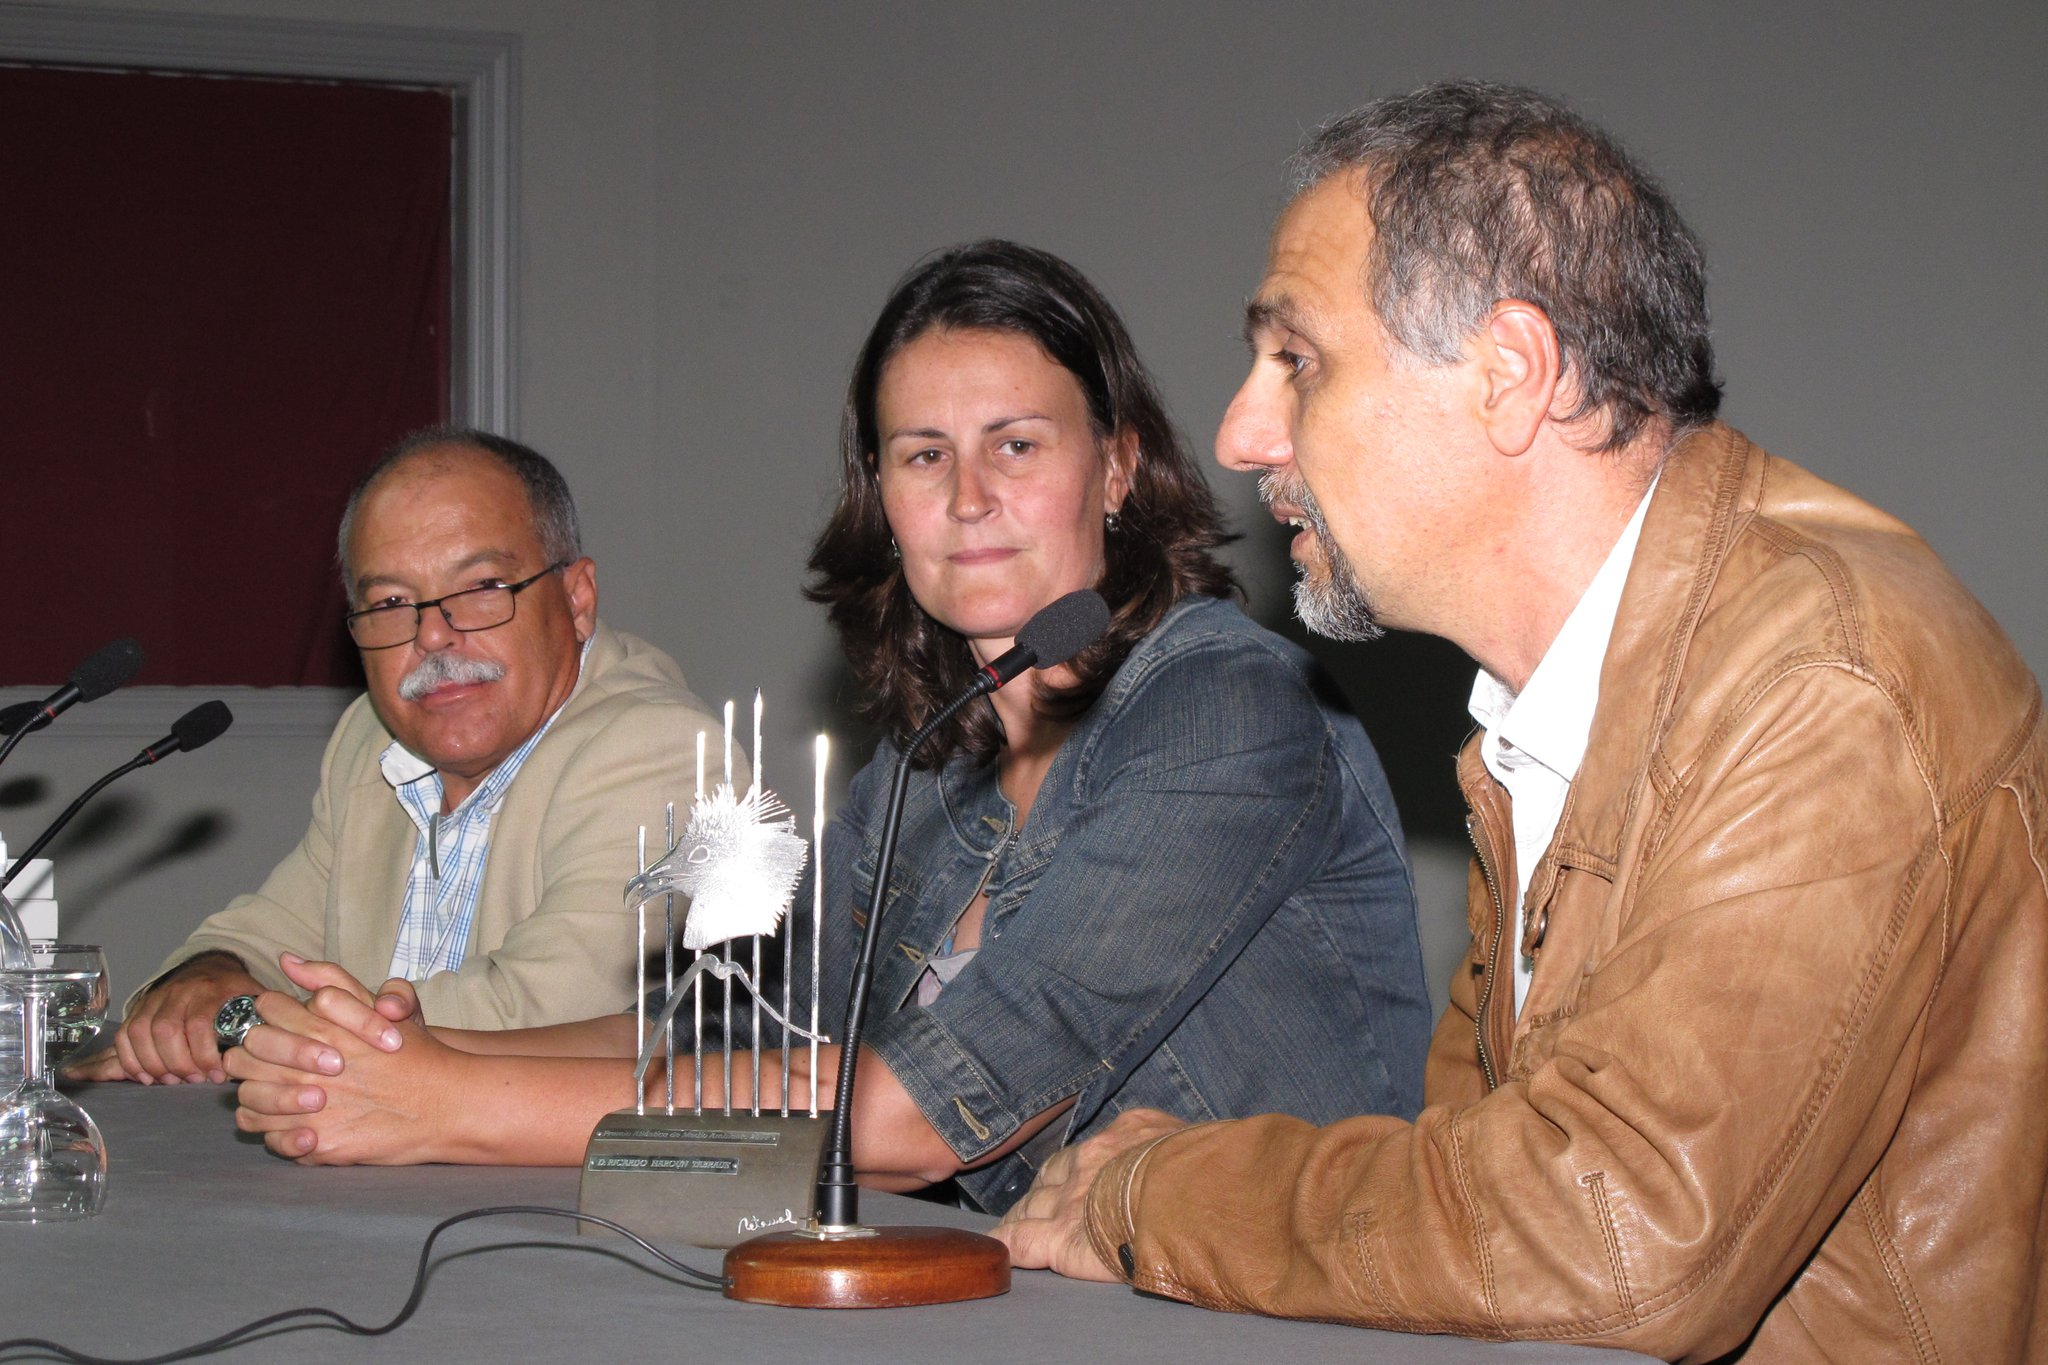 Ricardo Haroun es el primero por la derecha de la imagen